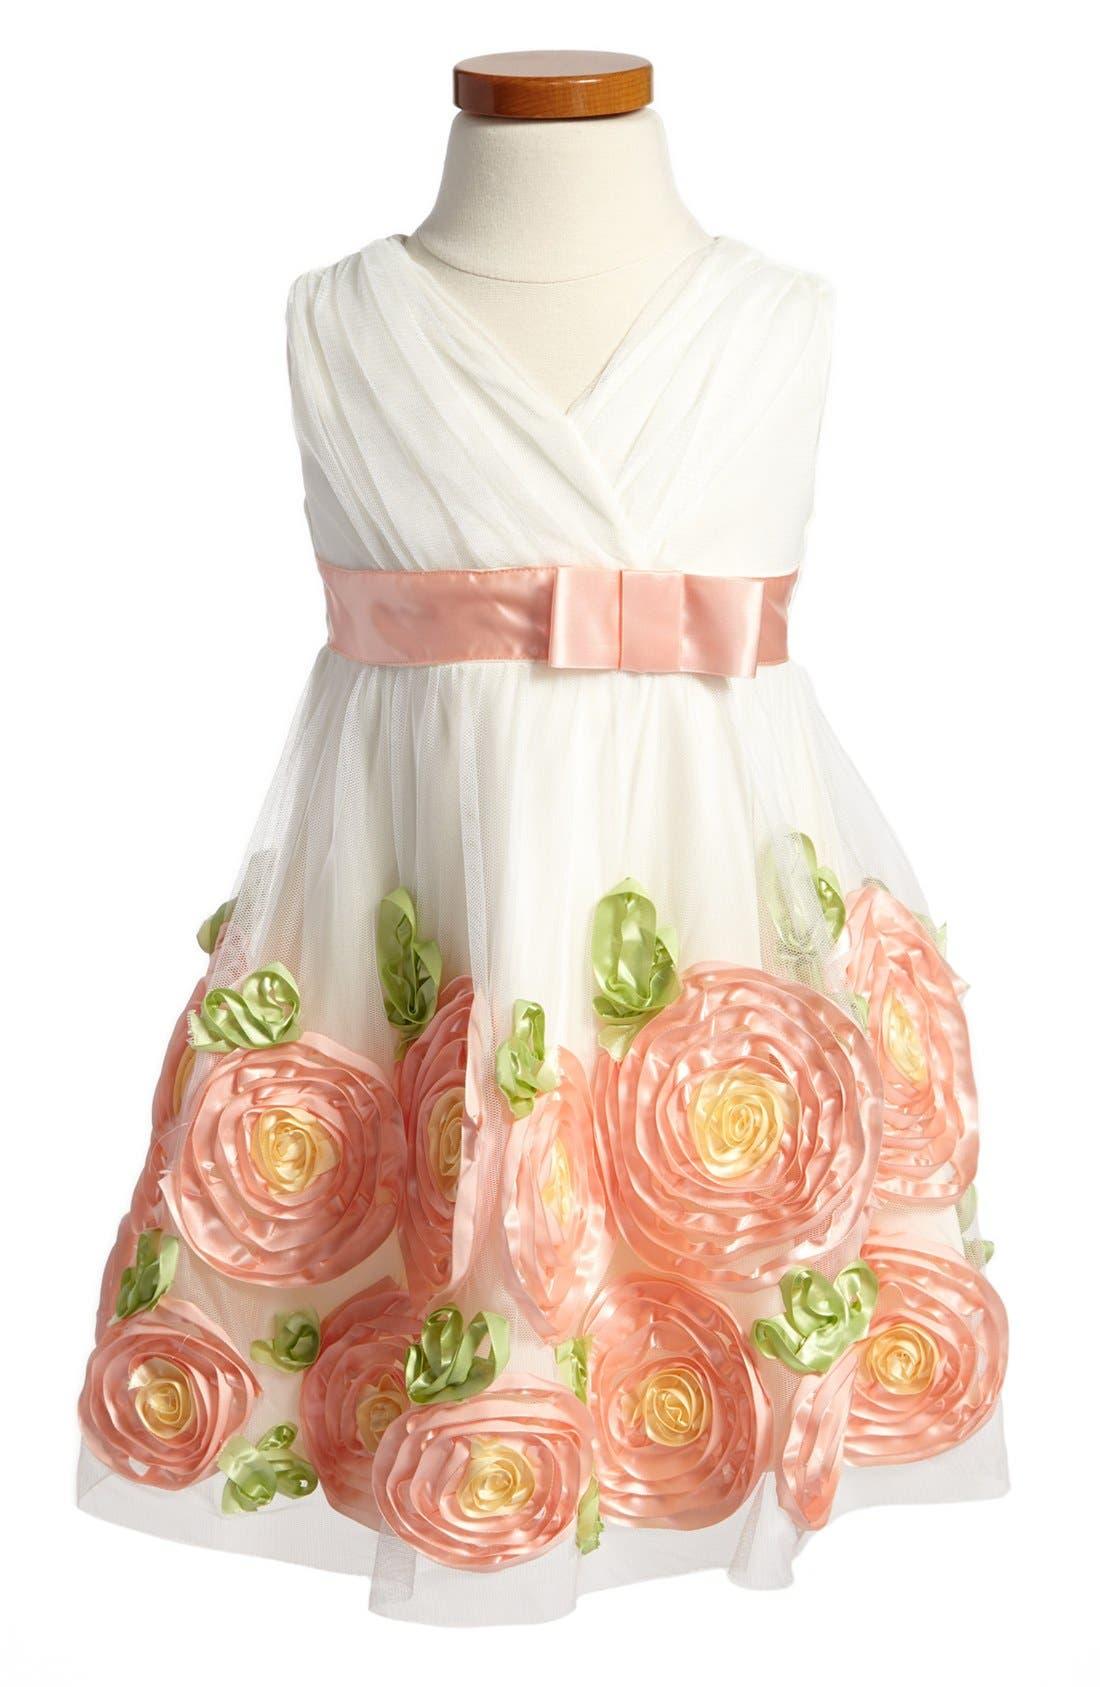 Alternate Image 1 Selected - Iris & Ivy Rose Border Dress (Toddler Girls)